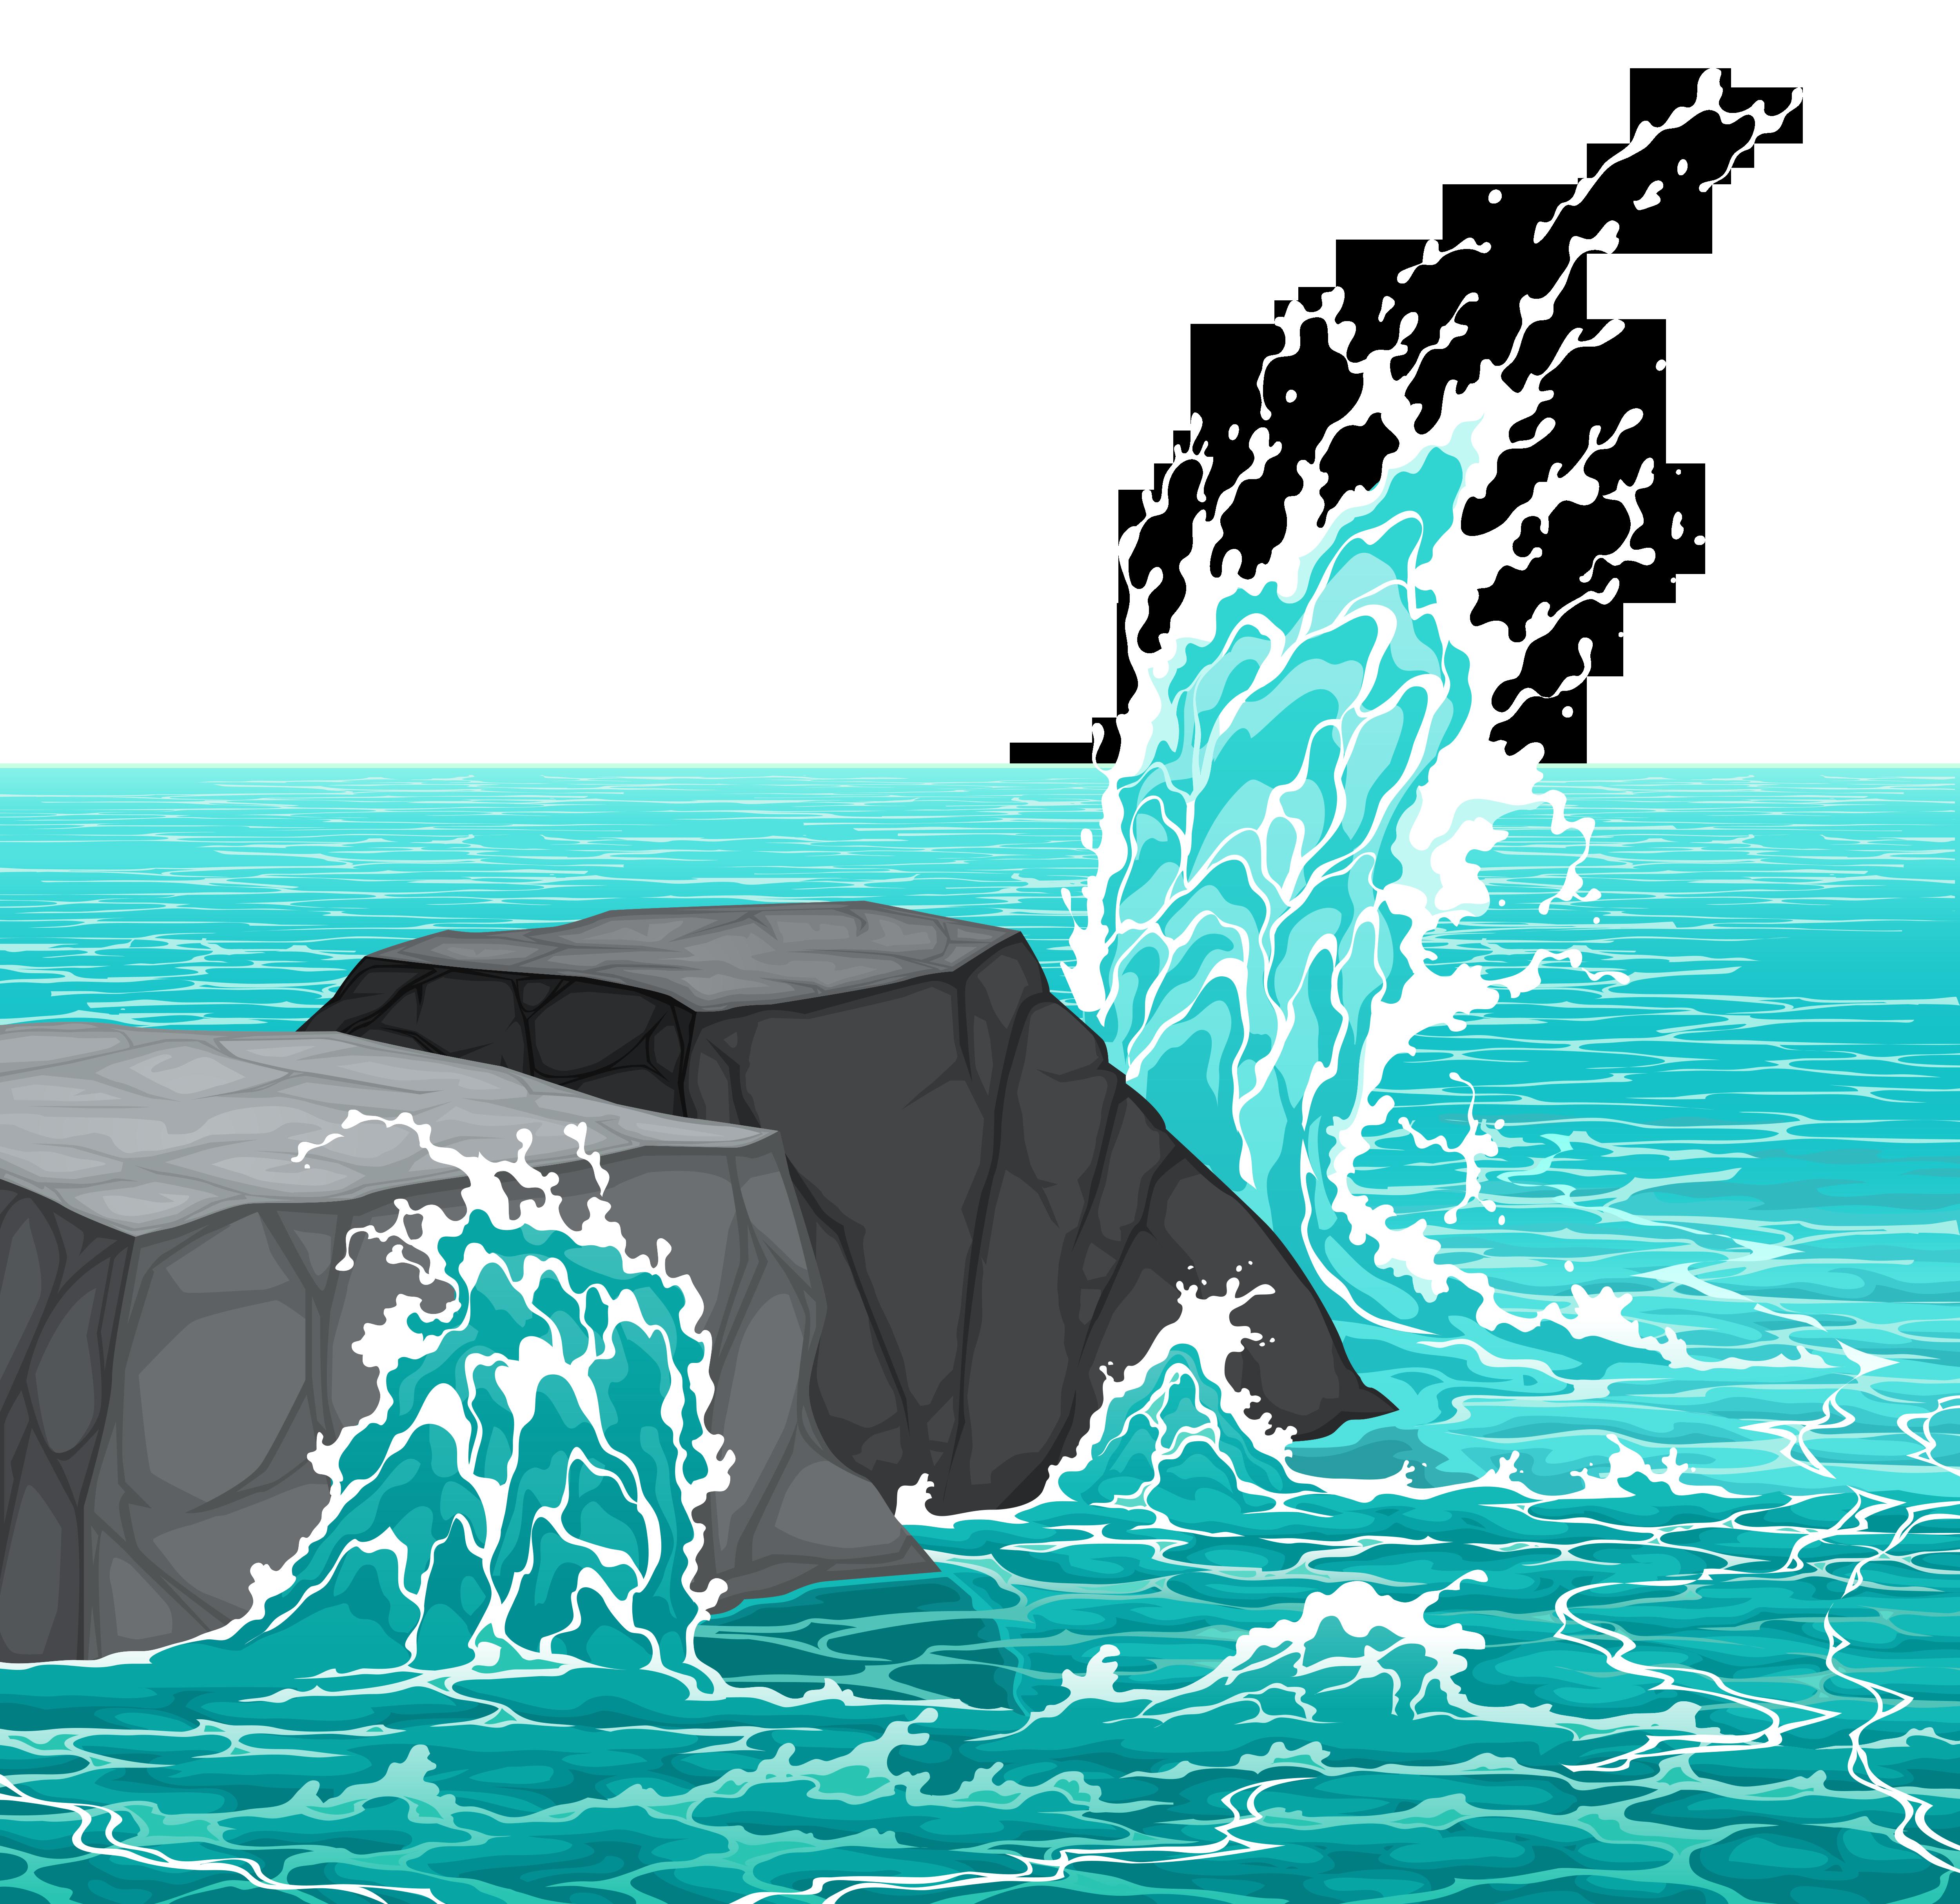 Sea clipart 5000x4856 Sea Rocks Resolution Clipart